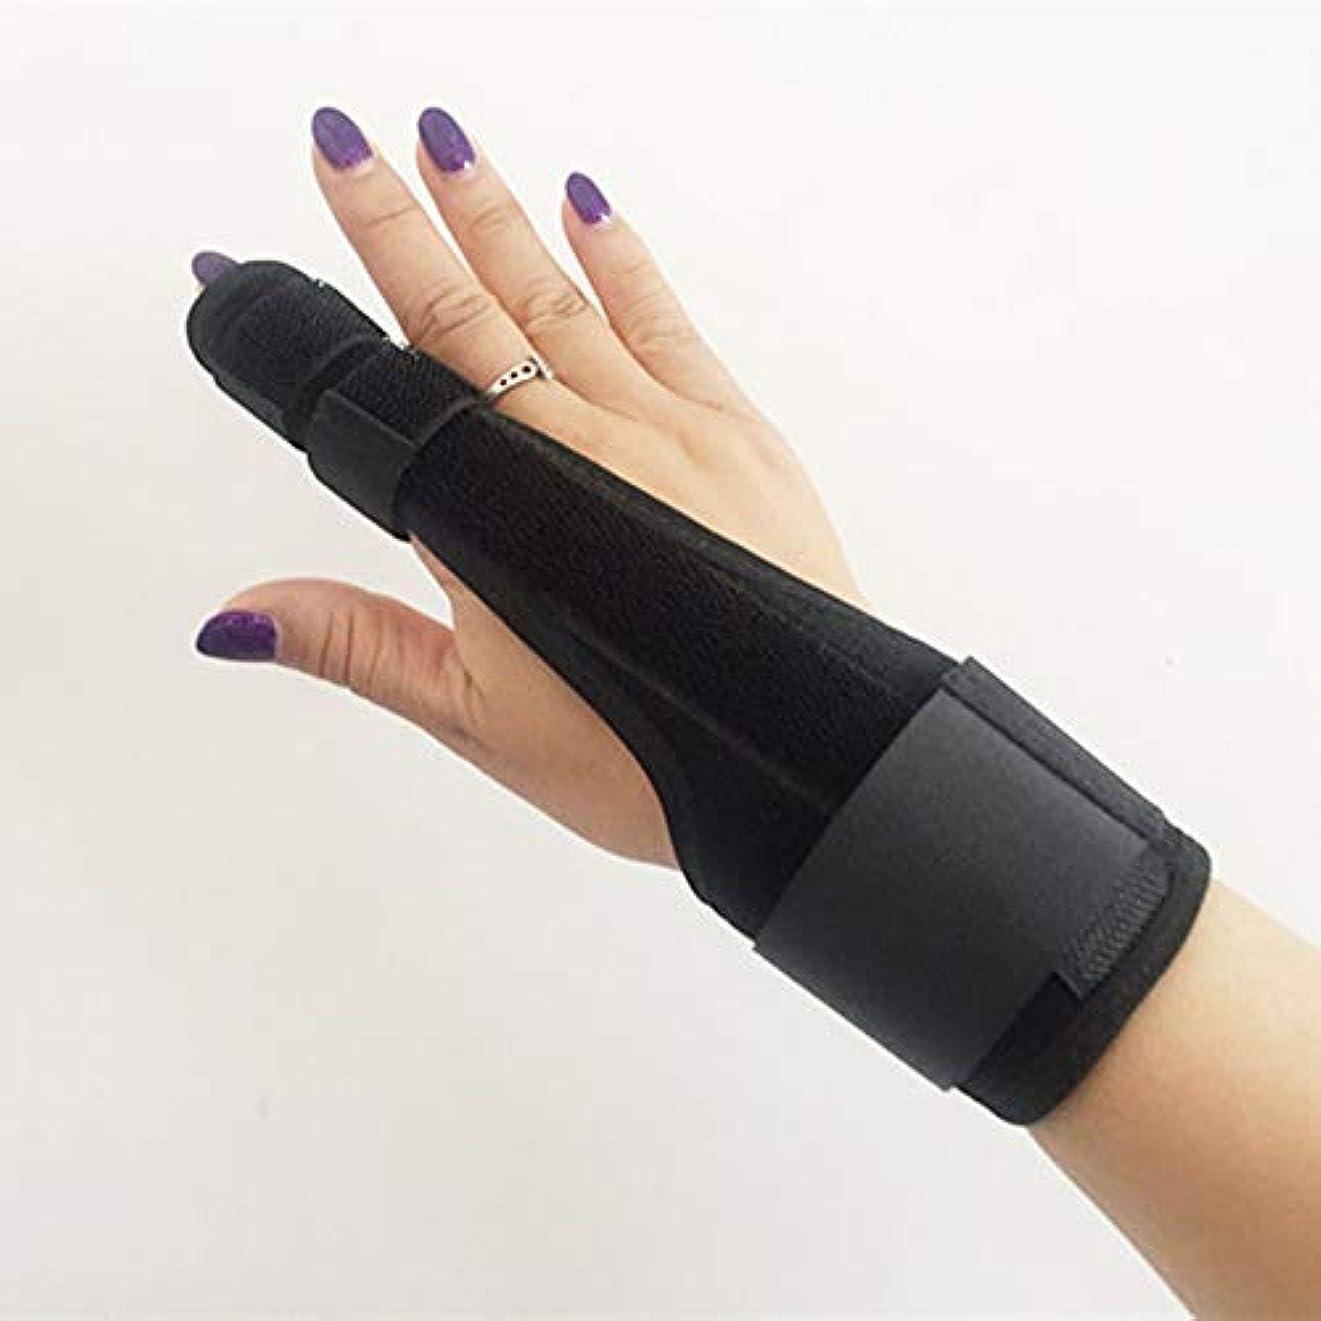 香港レコーダー持ってるZYL-YL 保護スリーブシースシース保護ギヤとプレート指指人差し指捻挫介護支援中手骨折固定指のスプリント (Edition : Right)